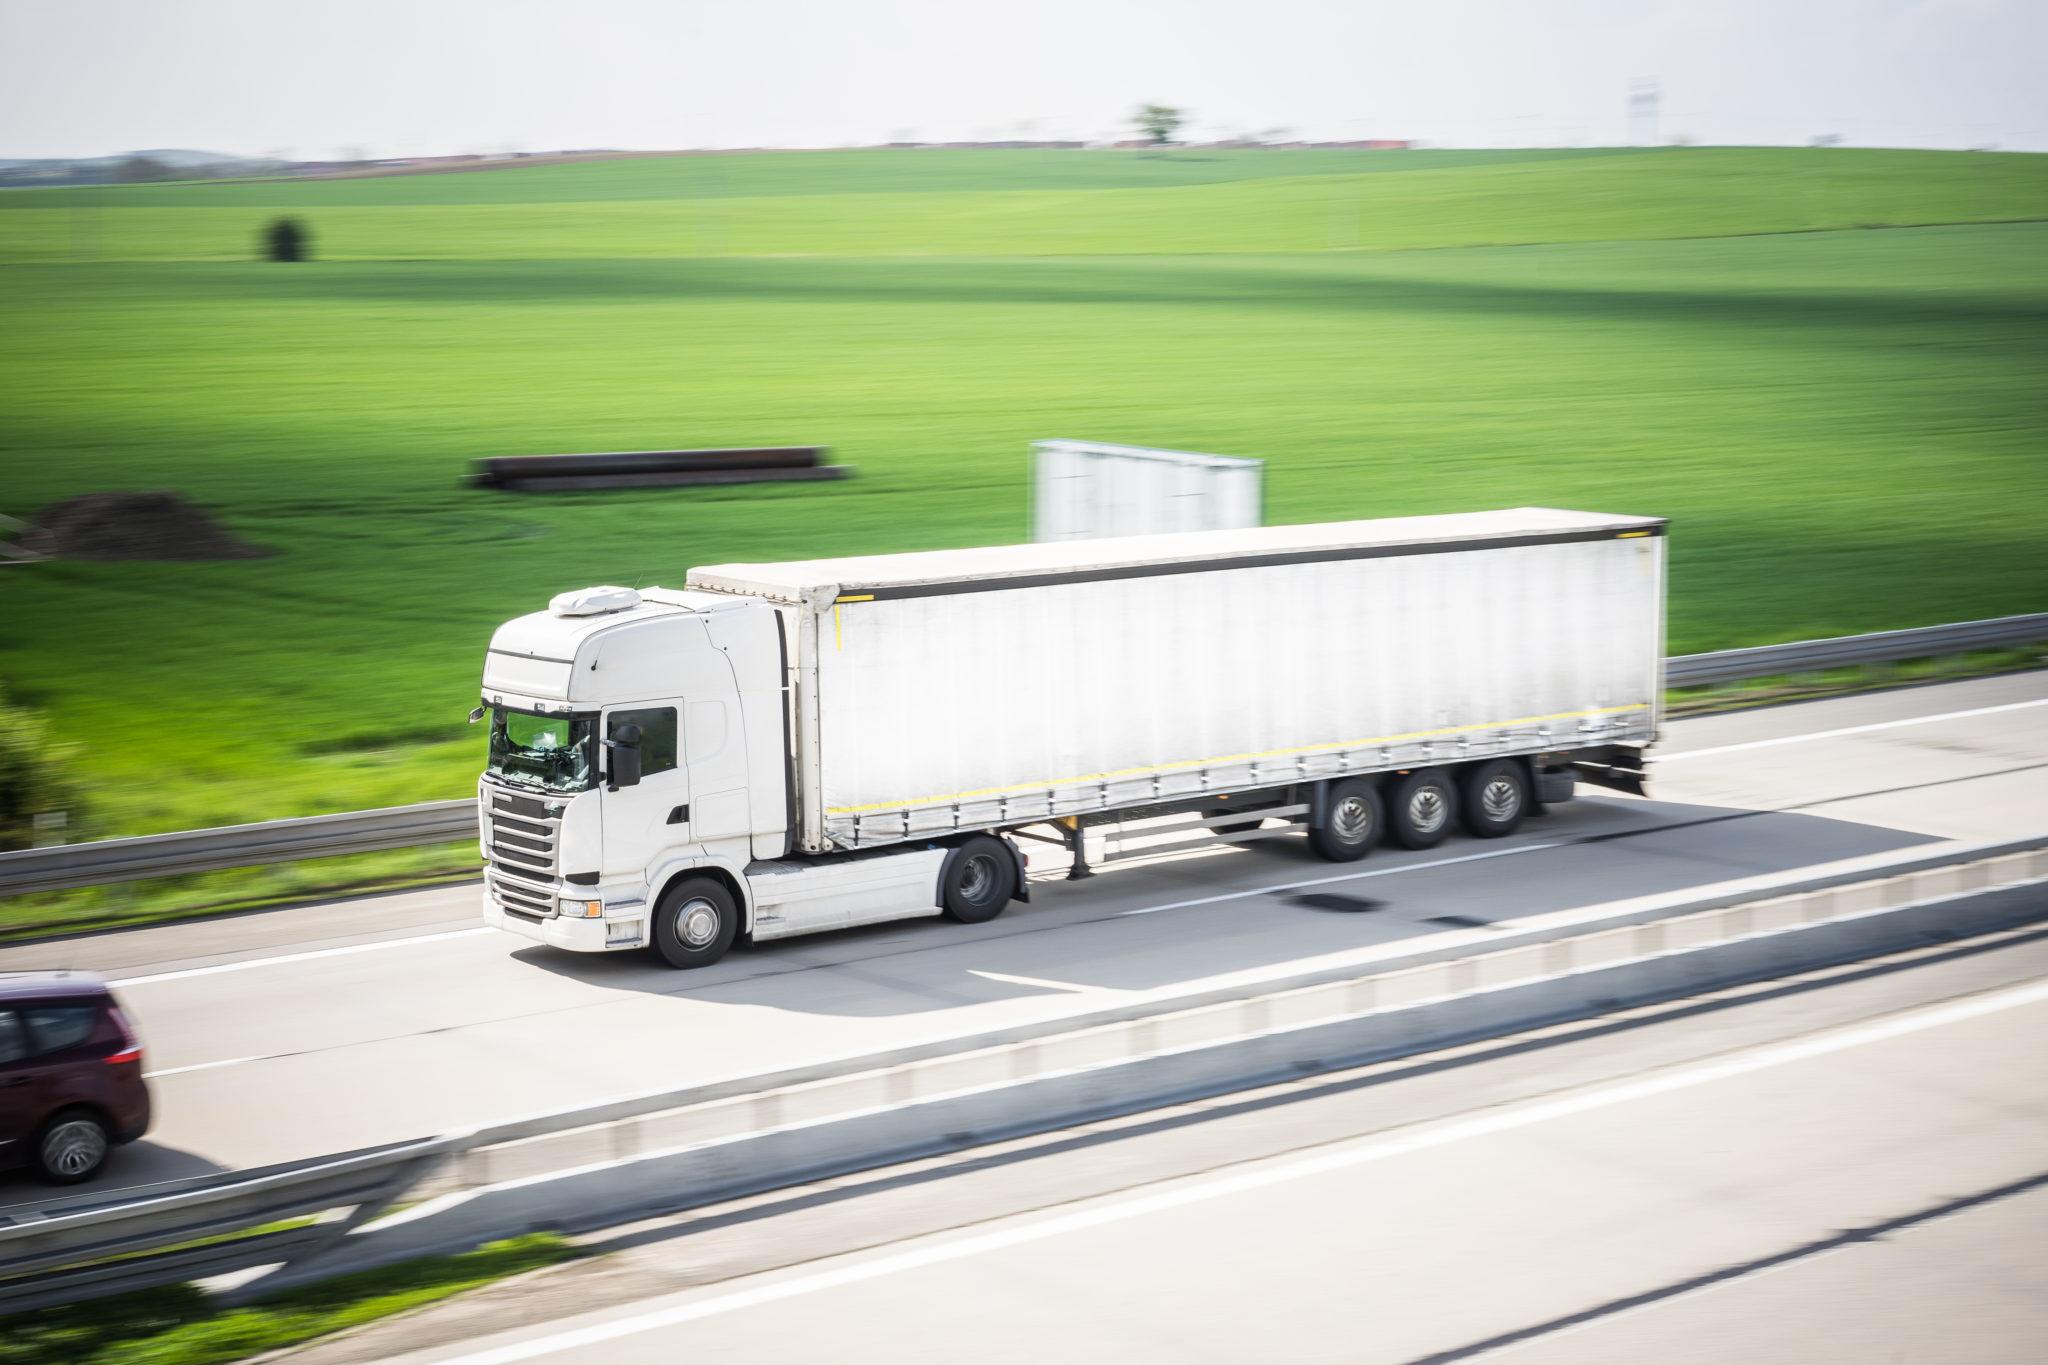 Kradzieże i uszkodzenia pojazdów – raport zagrożeń